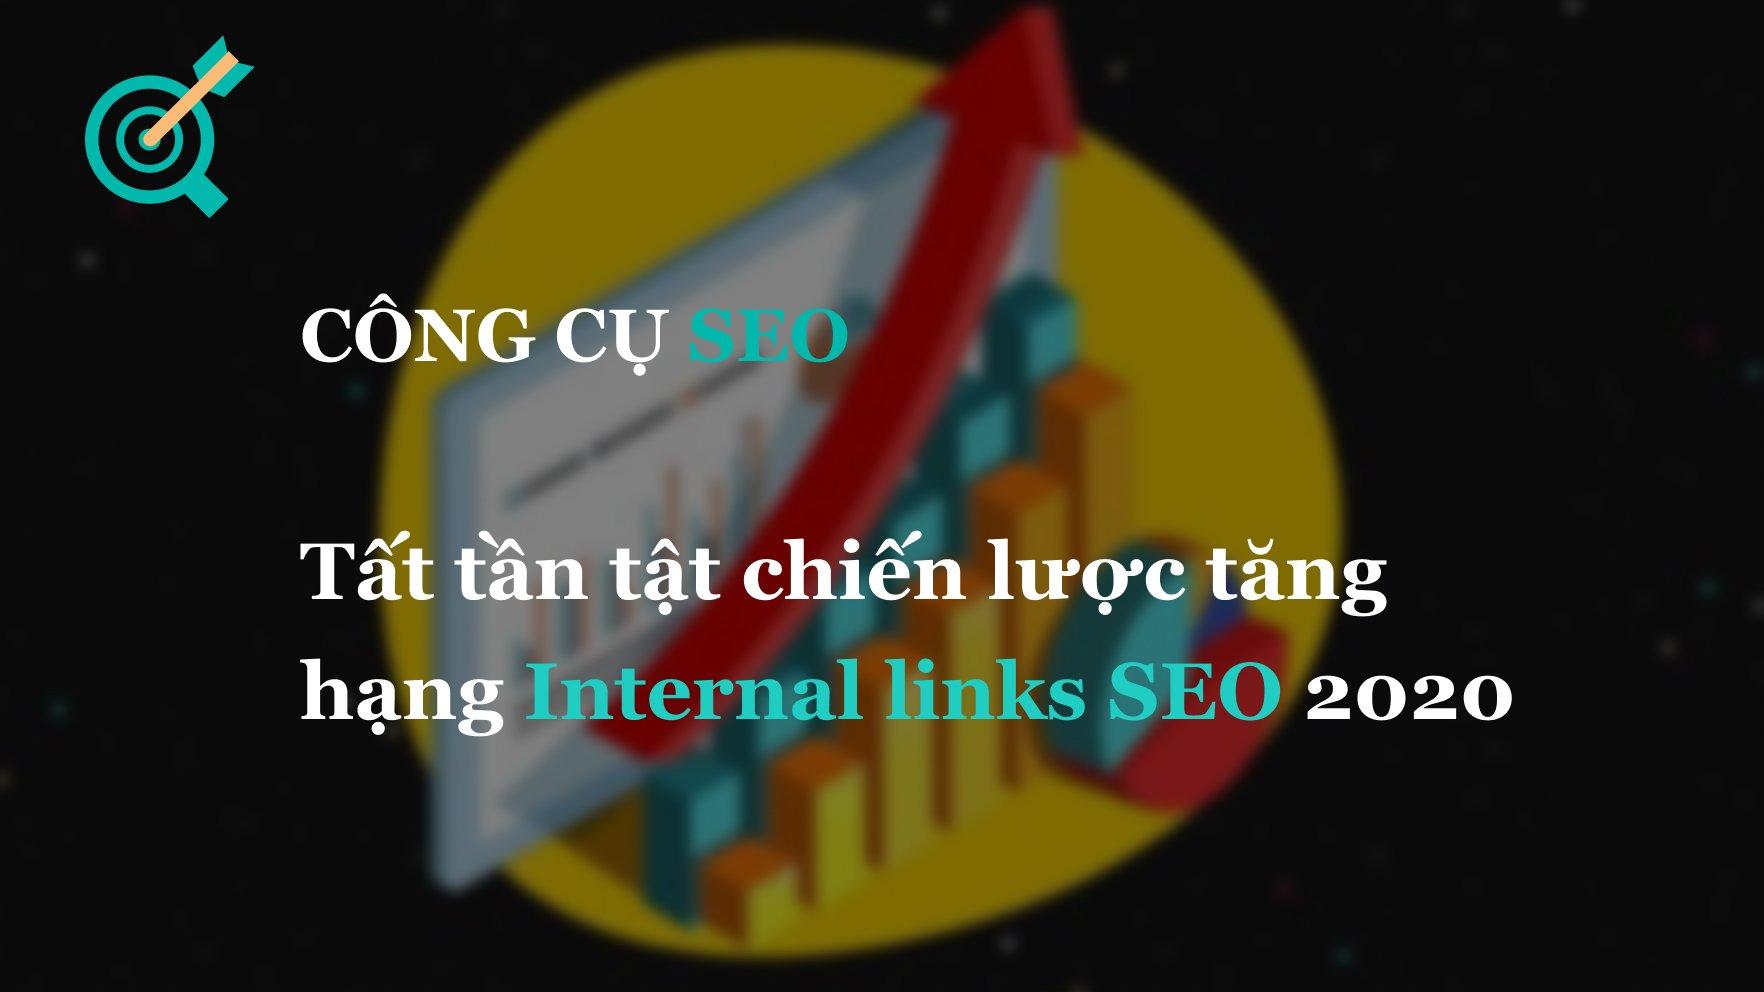 Tất tần tật chiến lược tăng hạng Internal links SEO 2020